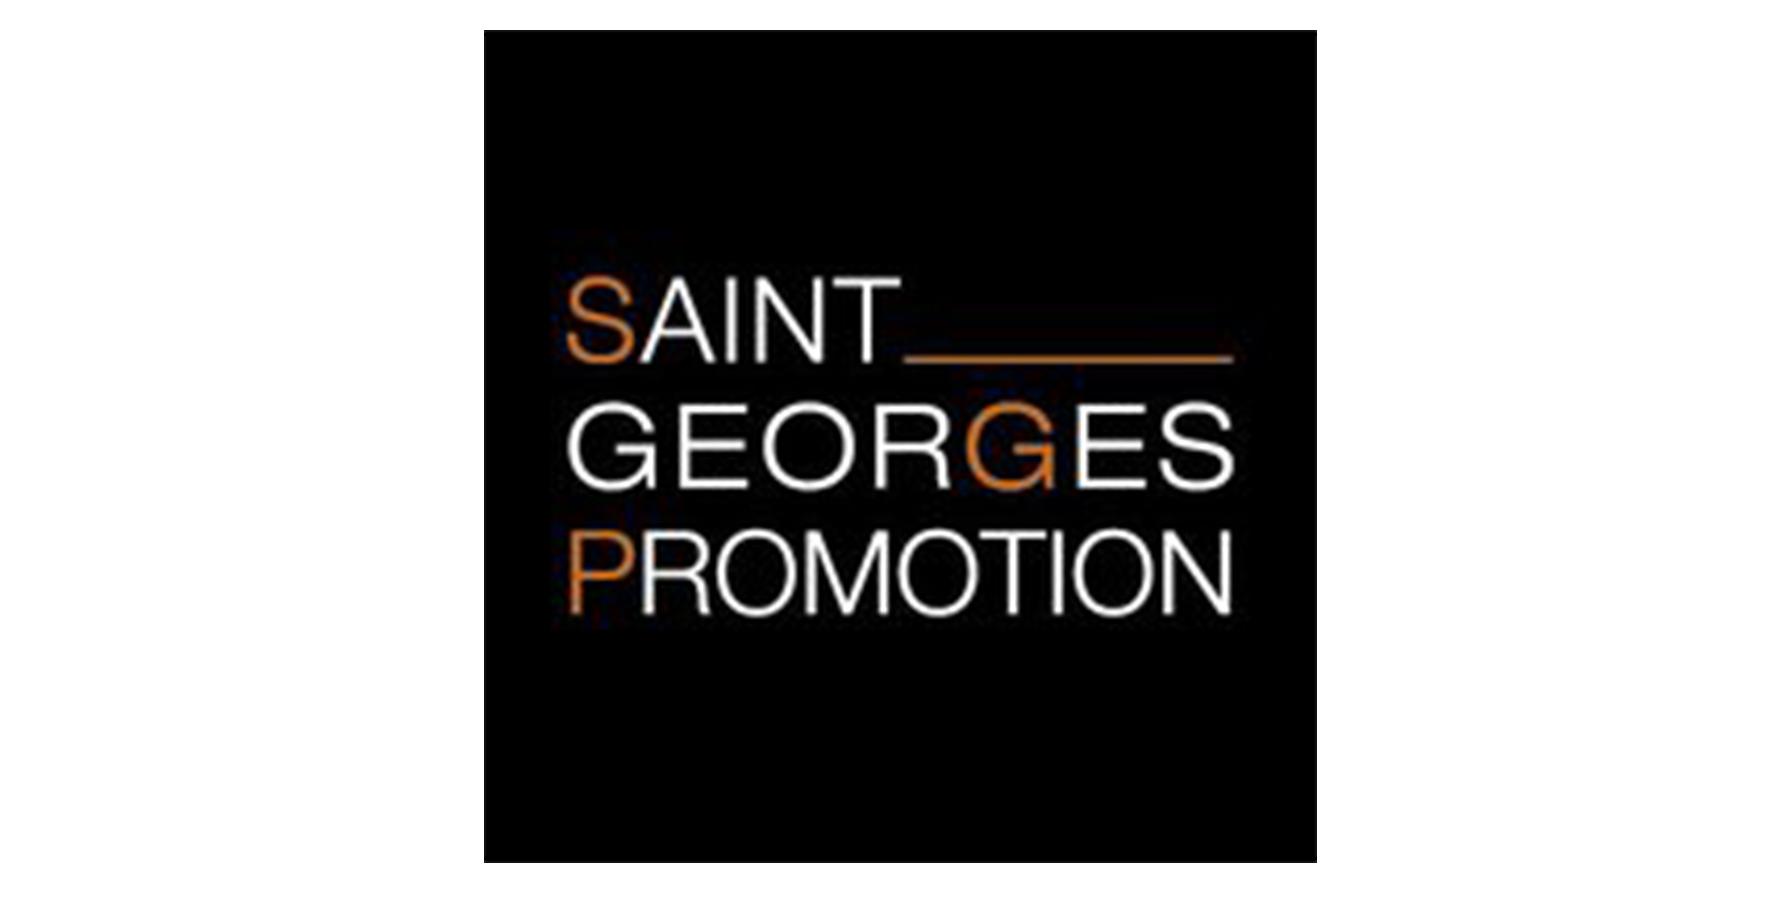 saint georges promotion - le courrier financier